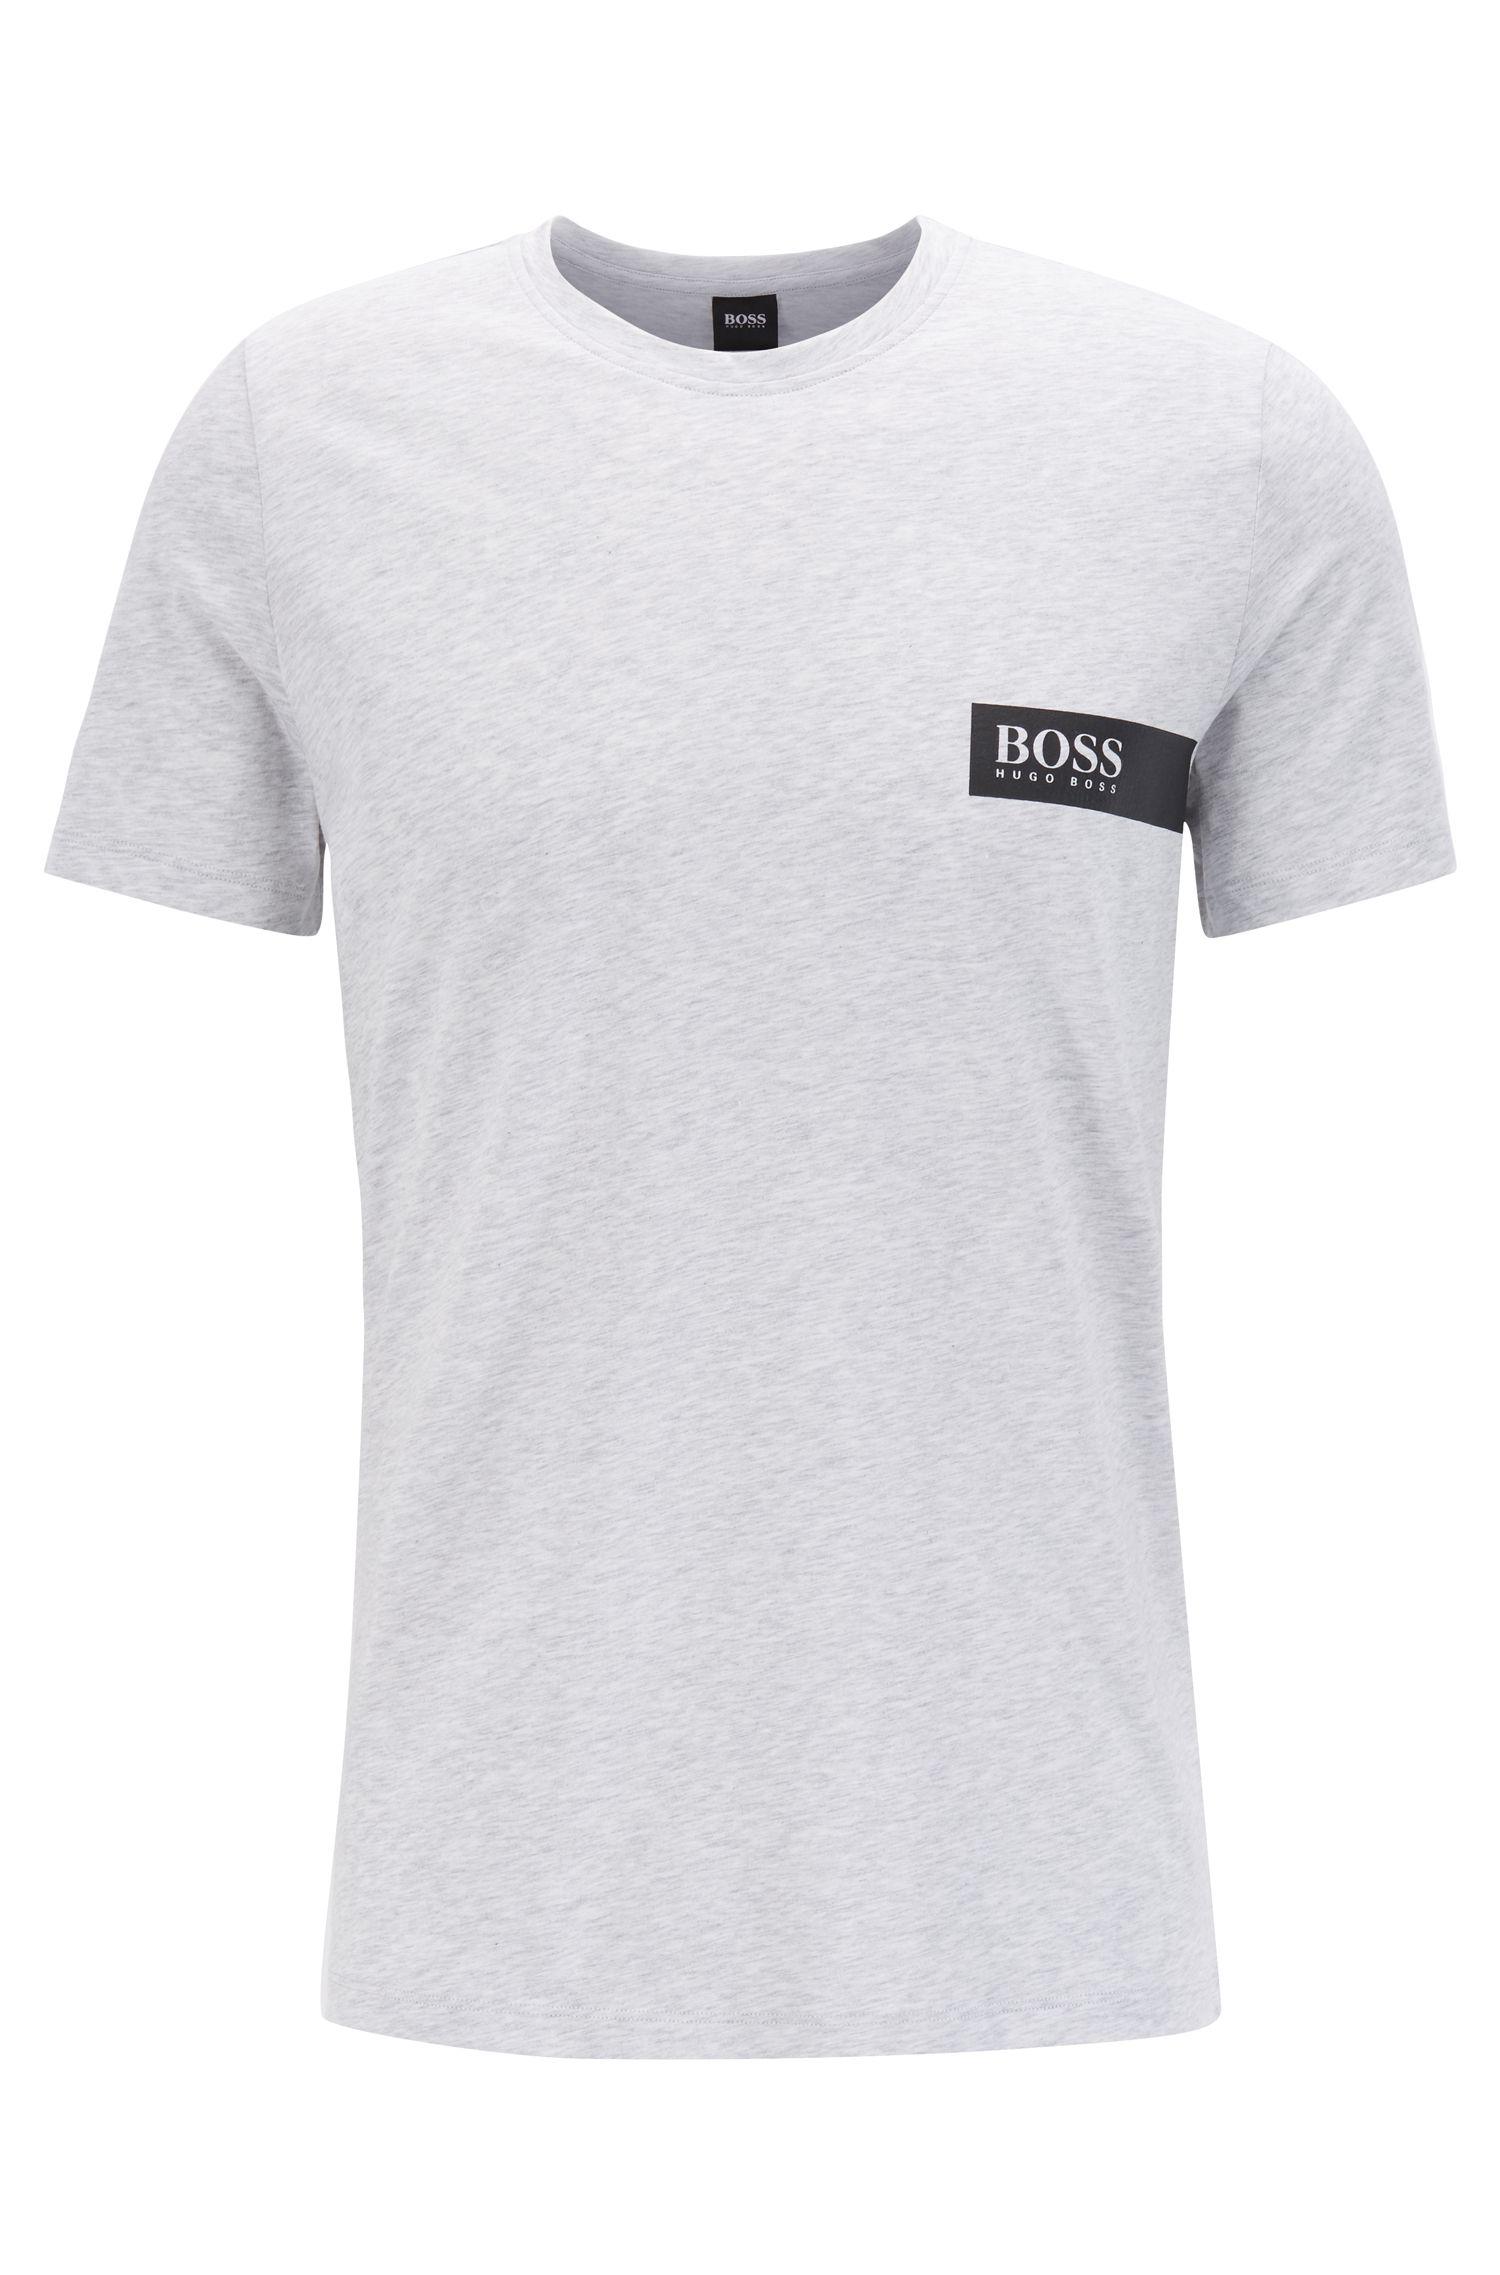 T-shirt Relaxed Fit avec logo sur la poitrine, Argent